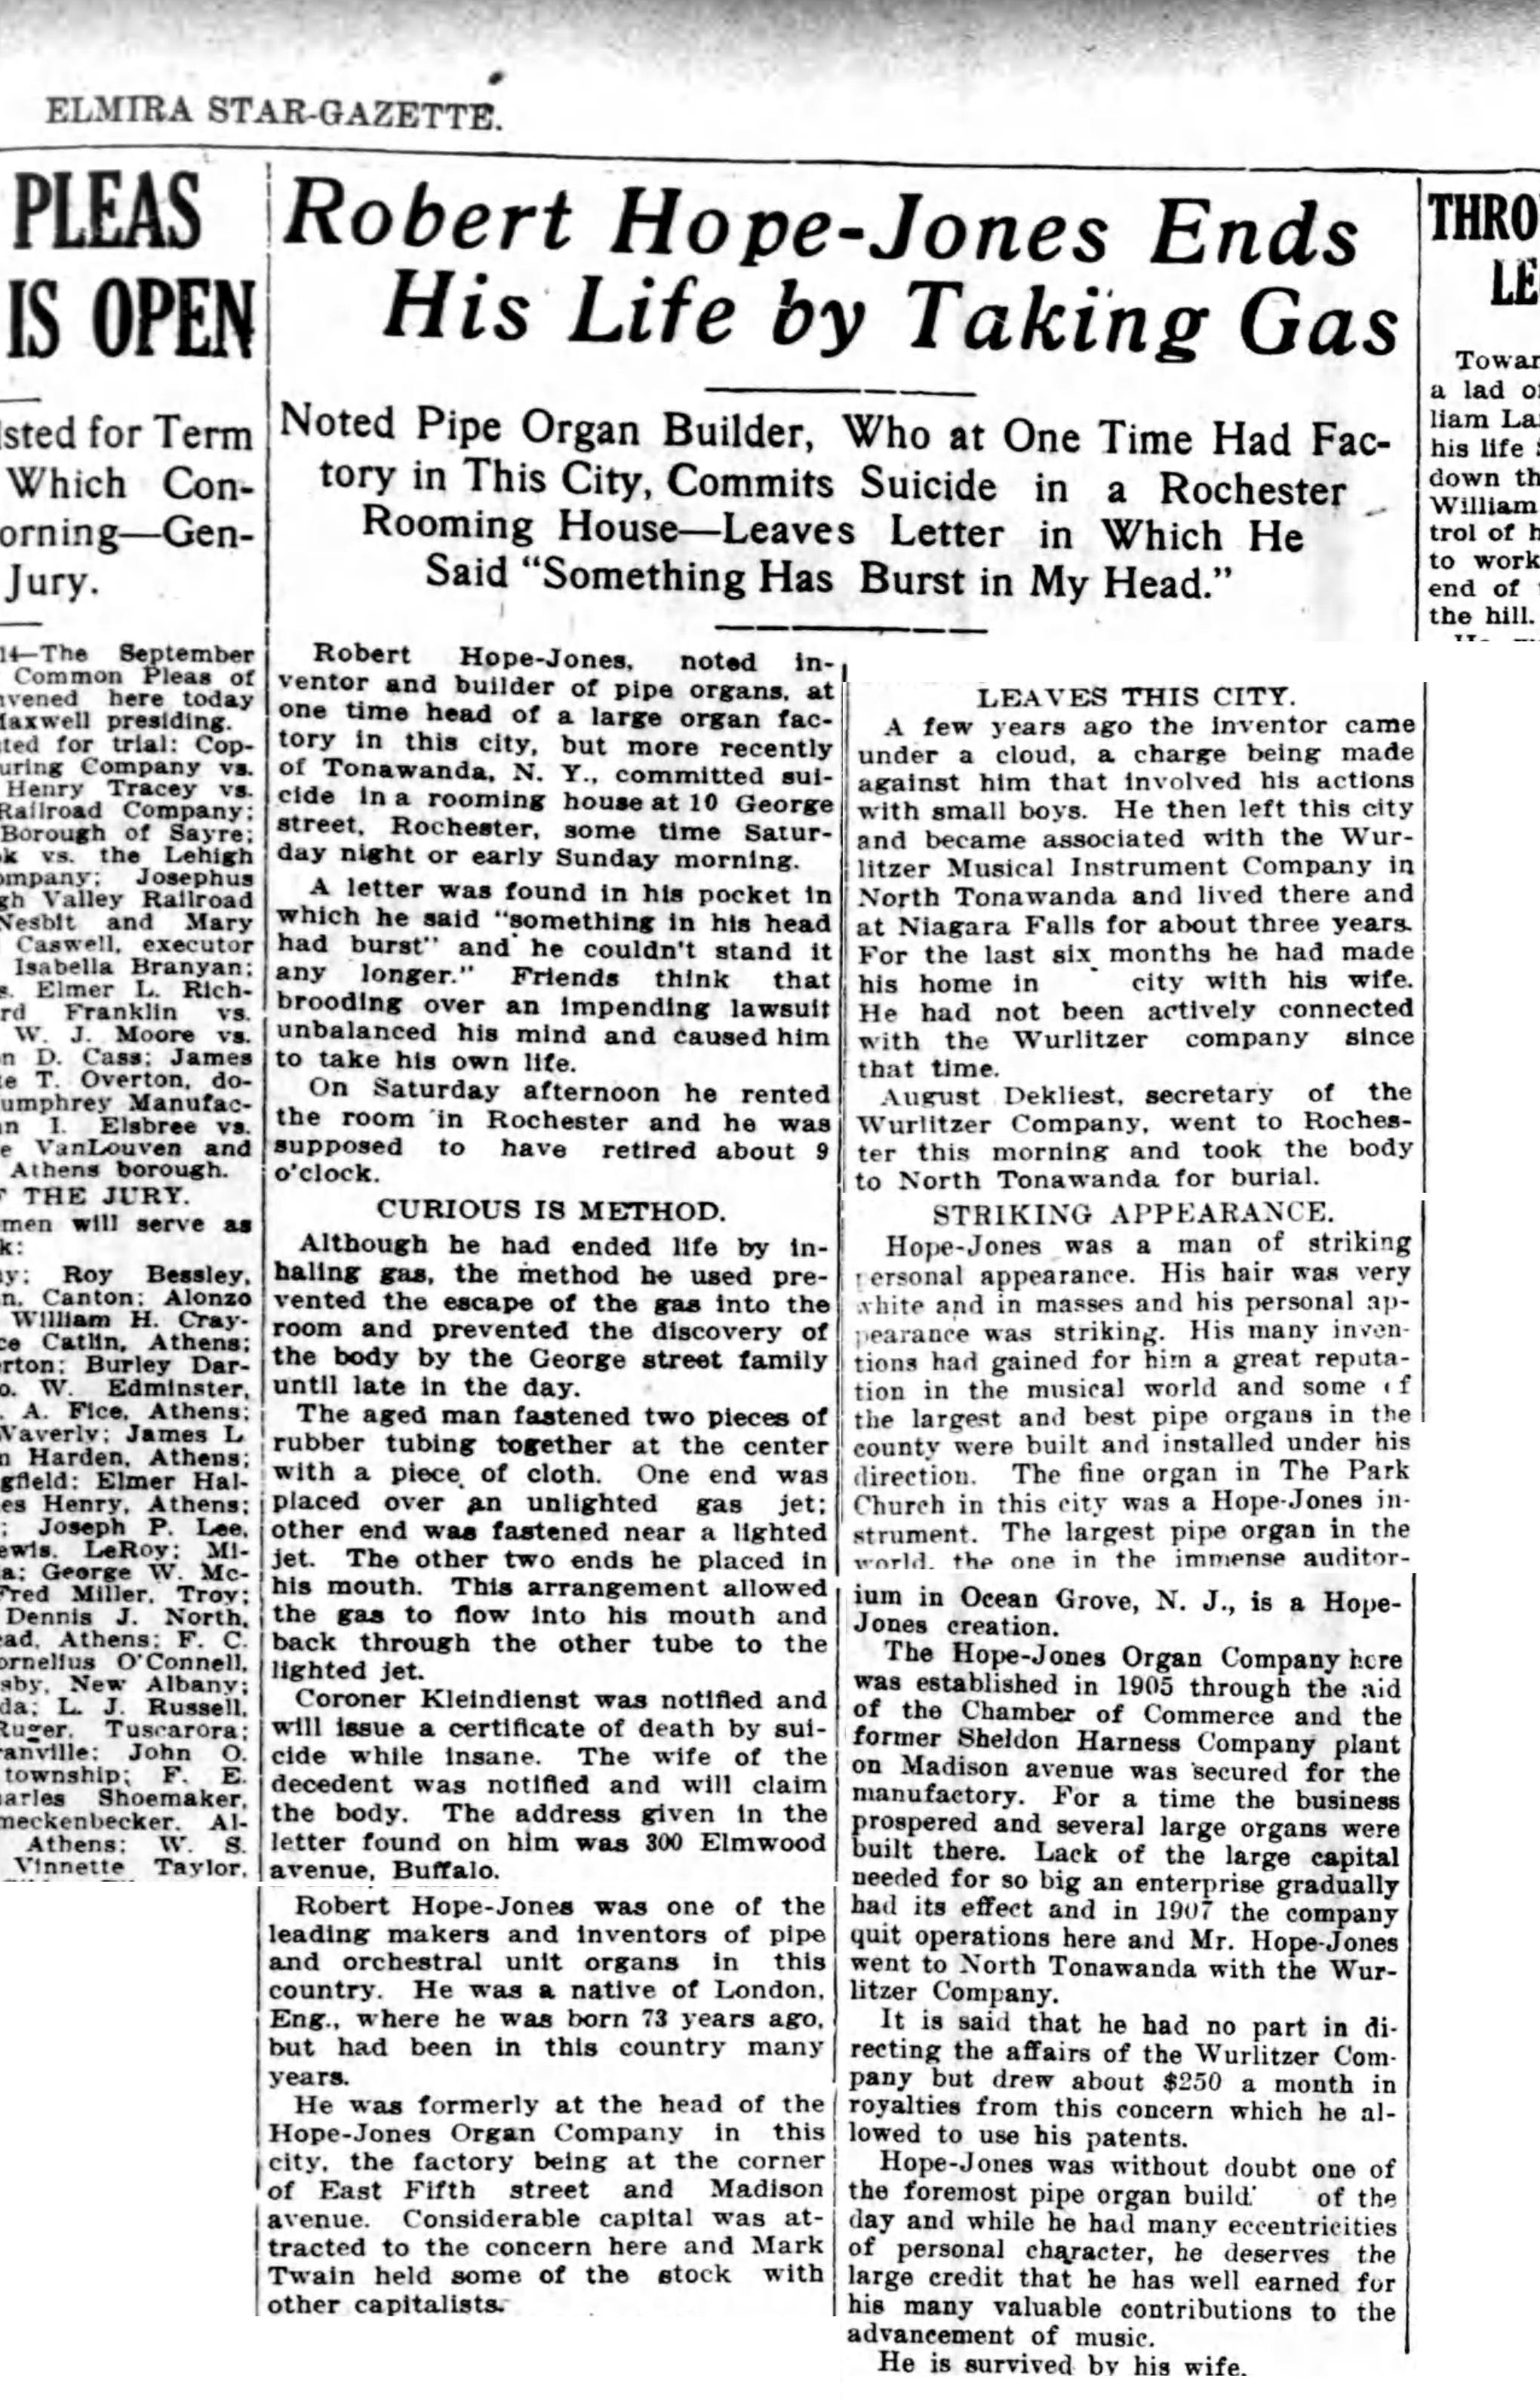 Robert Hope-Jones ends his life by taking gas, article (Elmira Star-Gazette, 1914-09-14).jpg